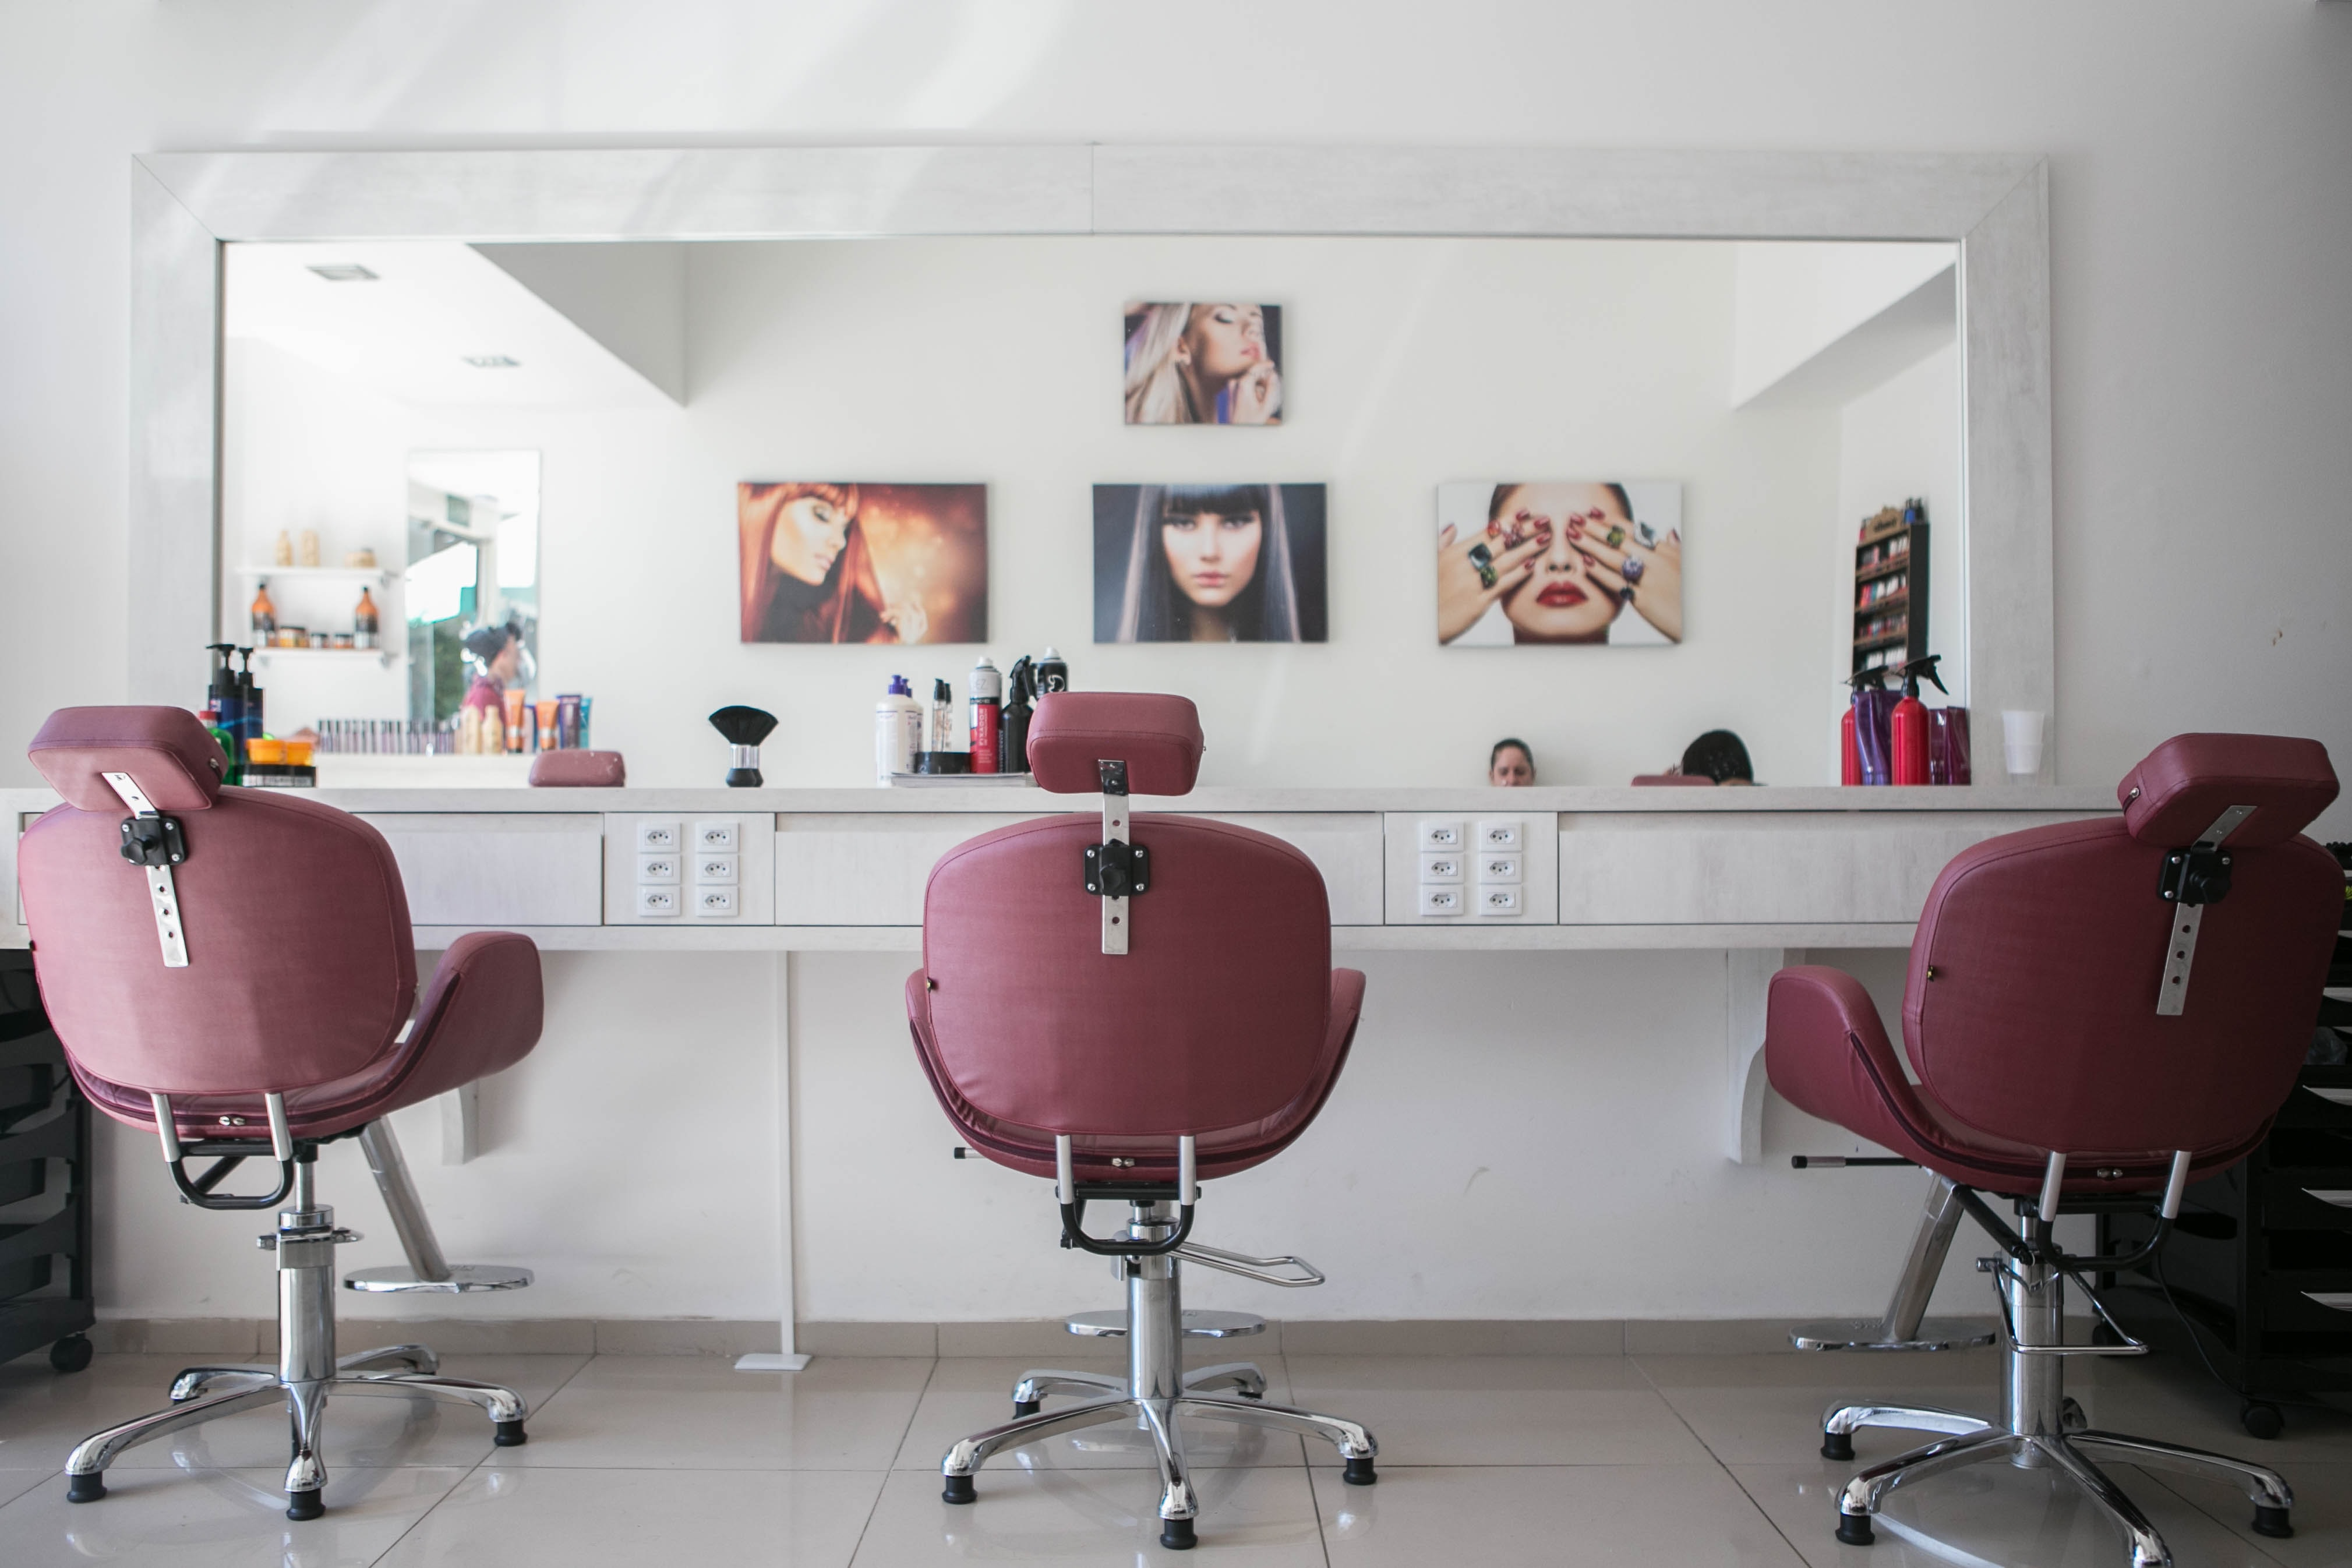 INAIL: Raccomandazioni per parrucchieri e estetisti